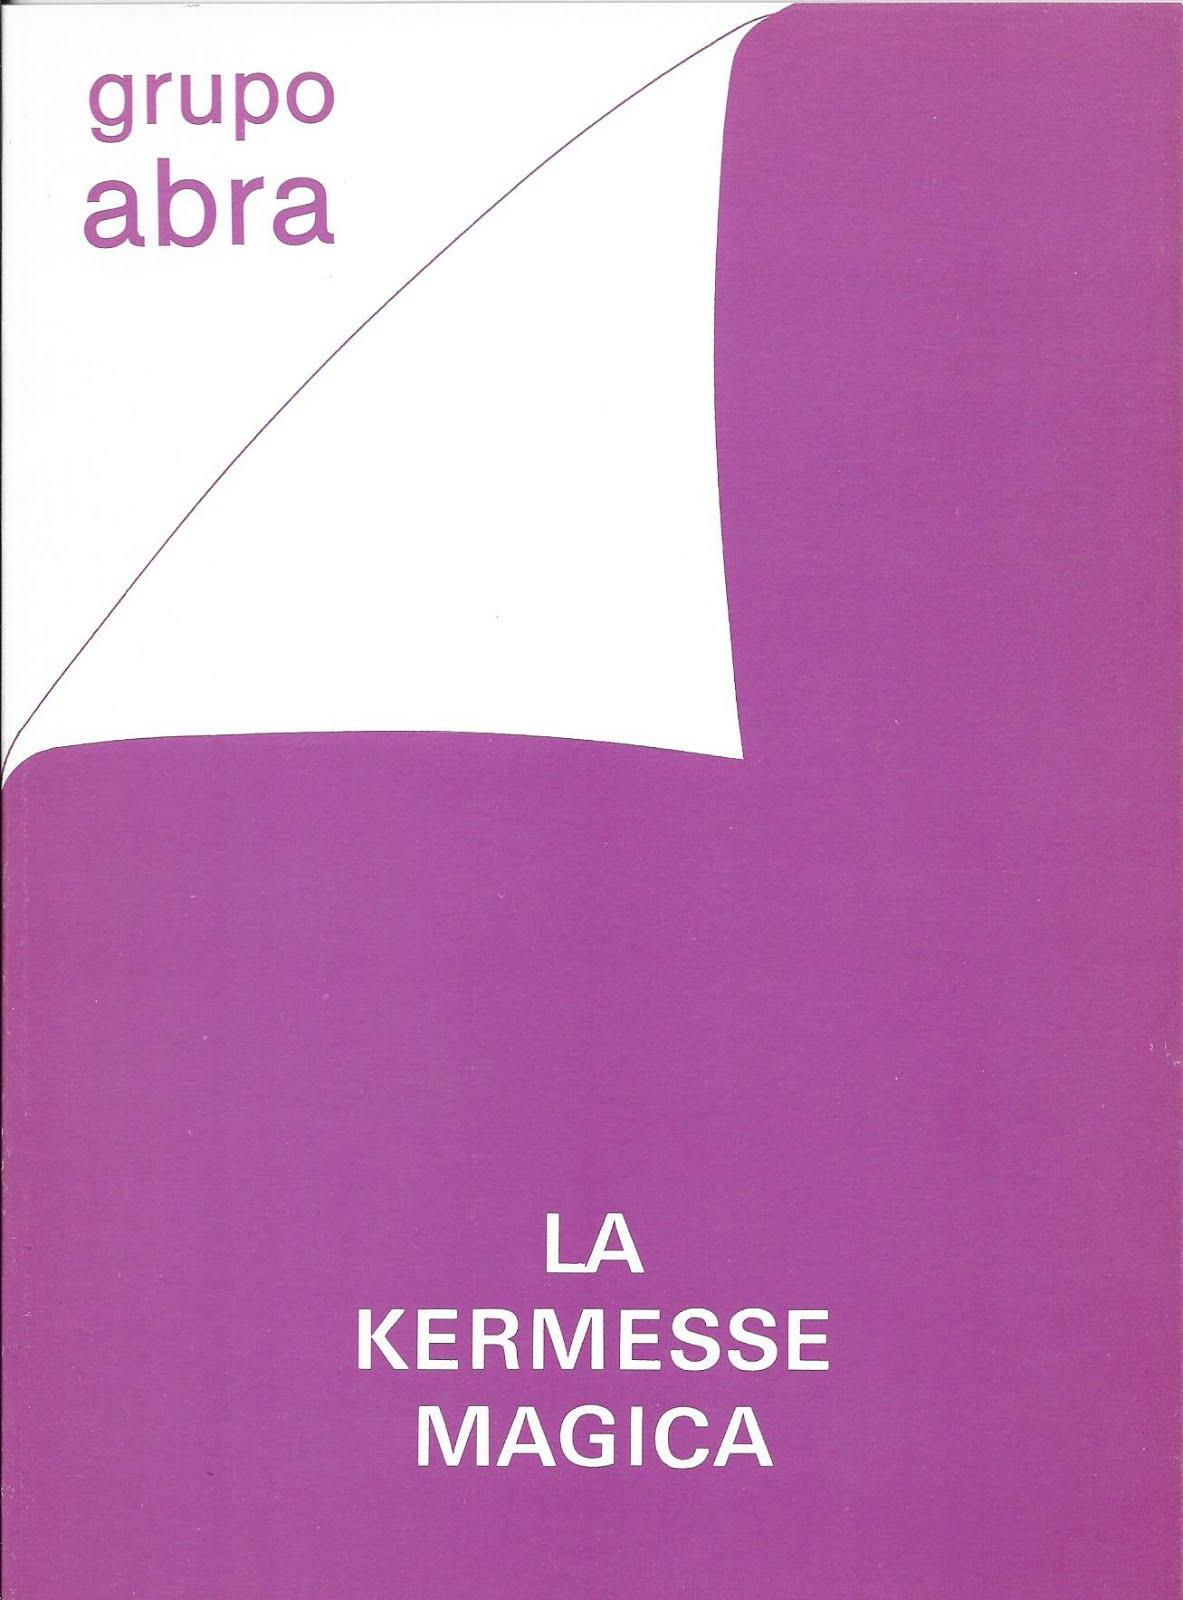 Grupo Abra 1982